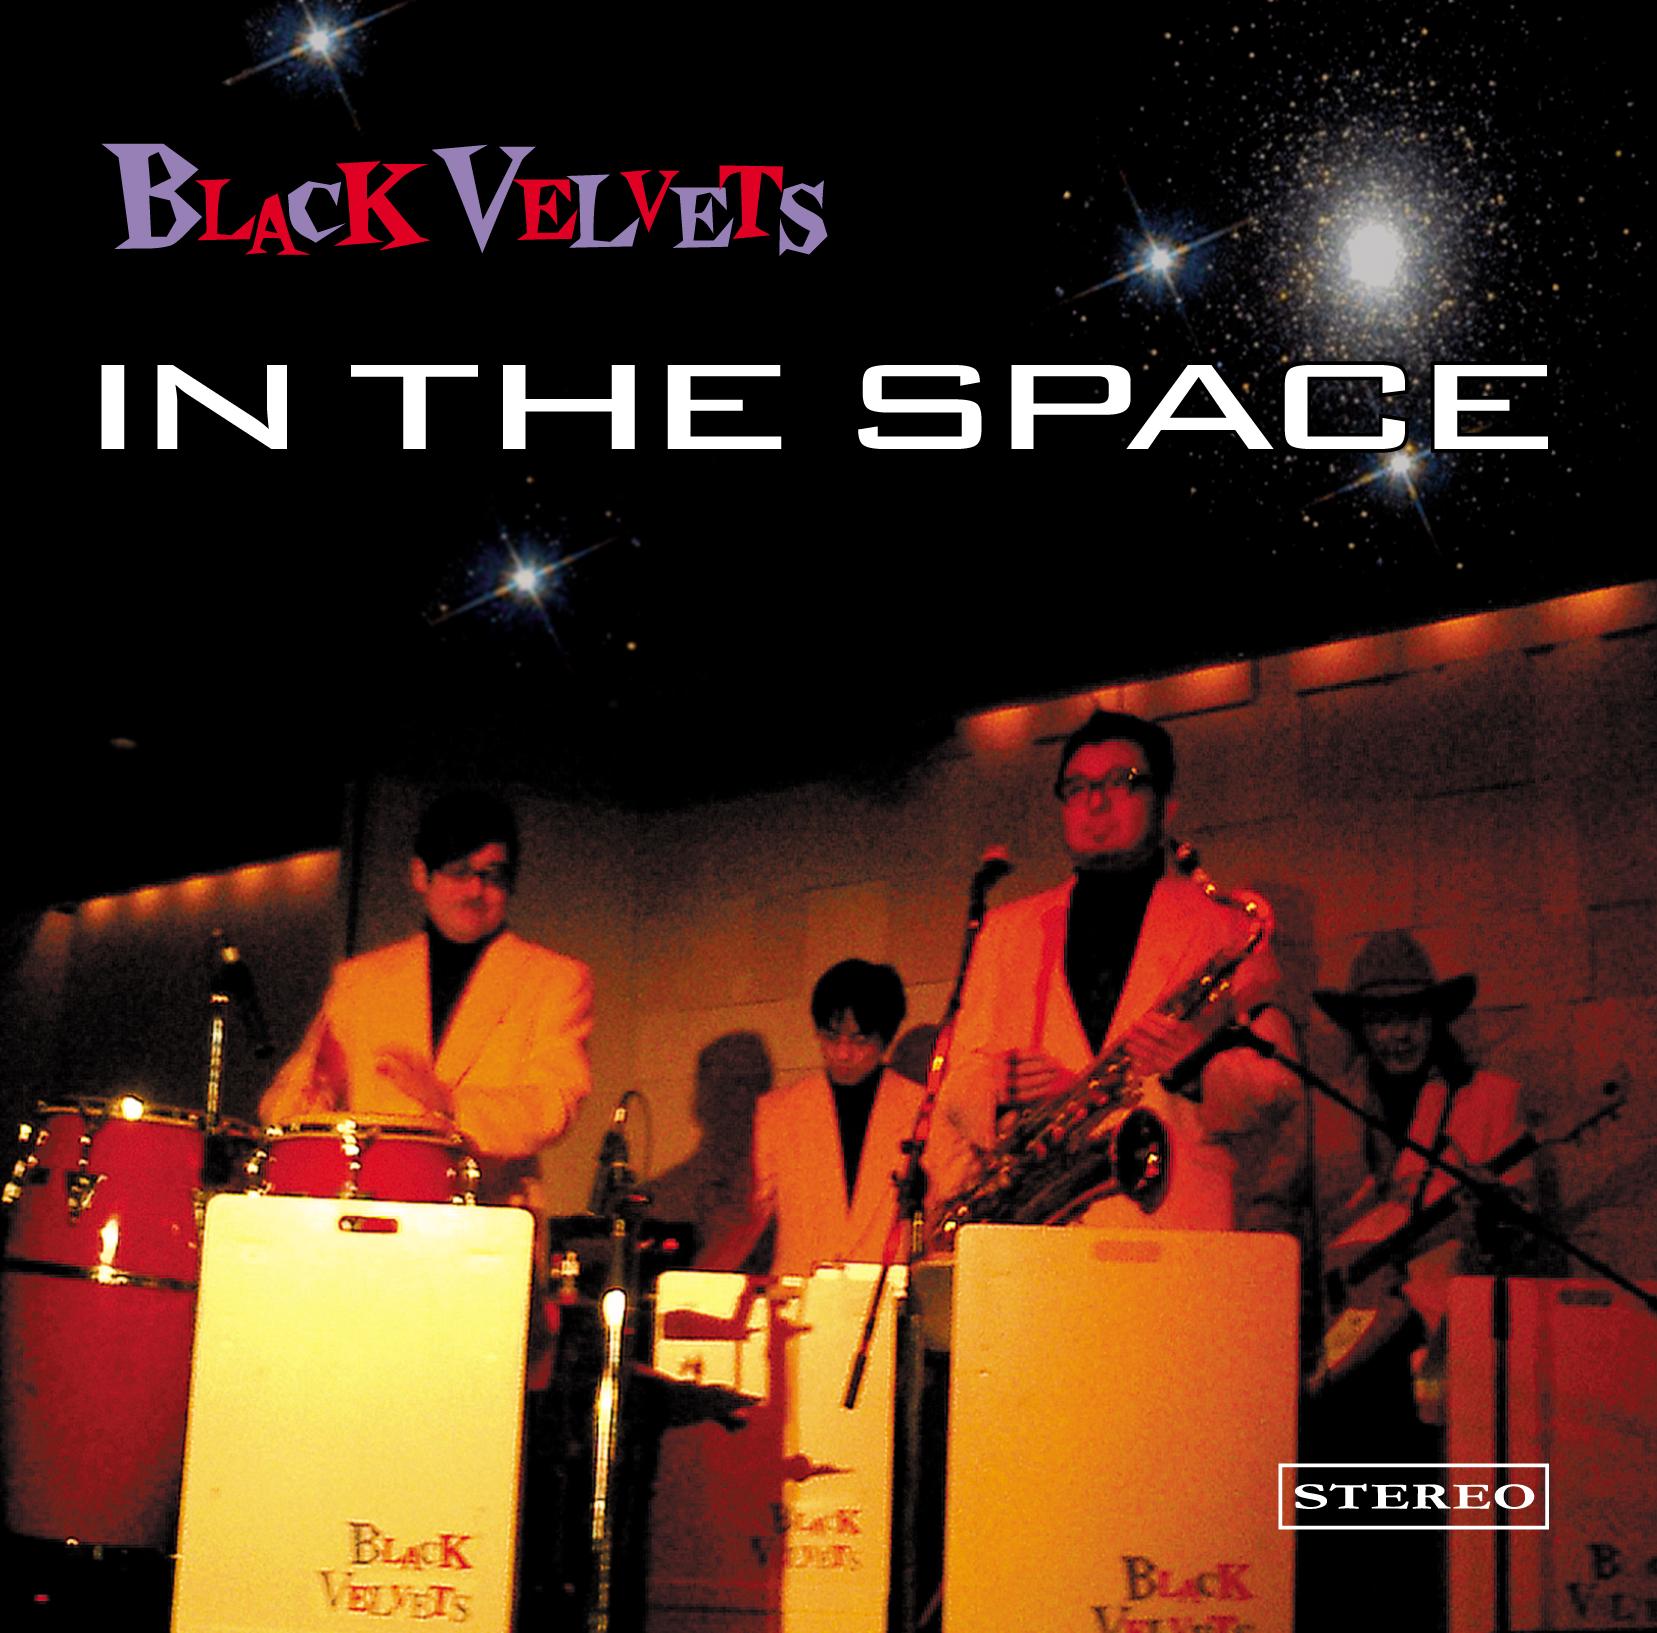 ブラックベルベッツの宇宙 ~ イン・ザ・スペース